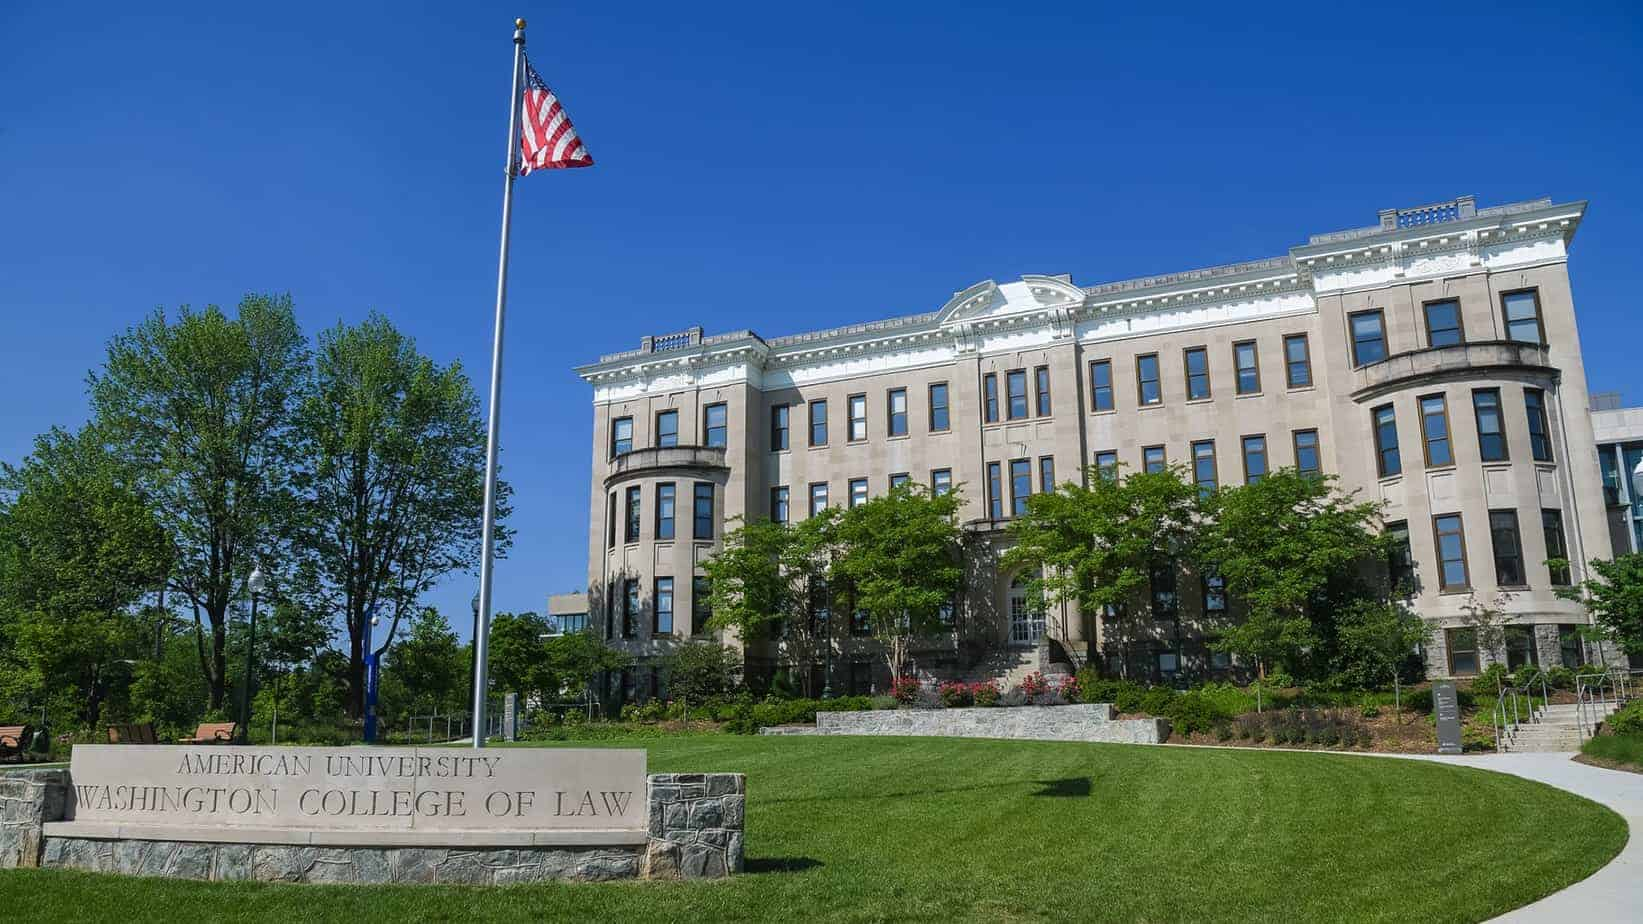 curso de direitos humanos american university eua